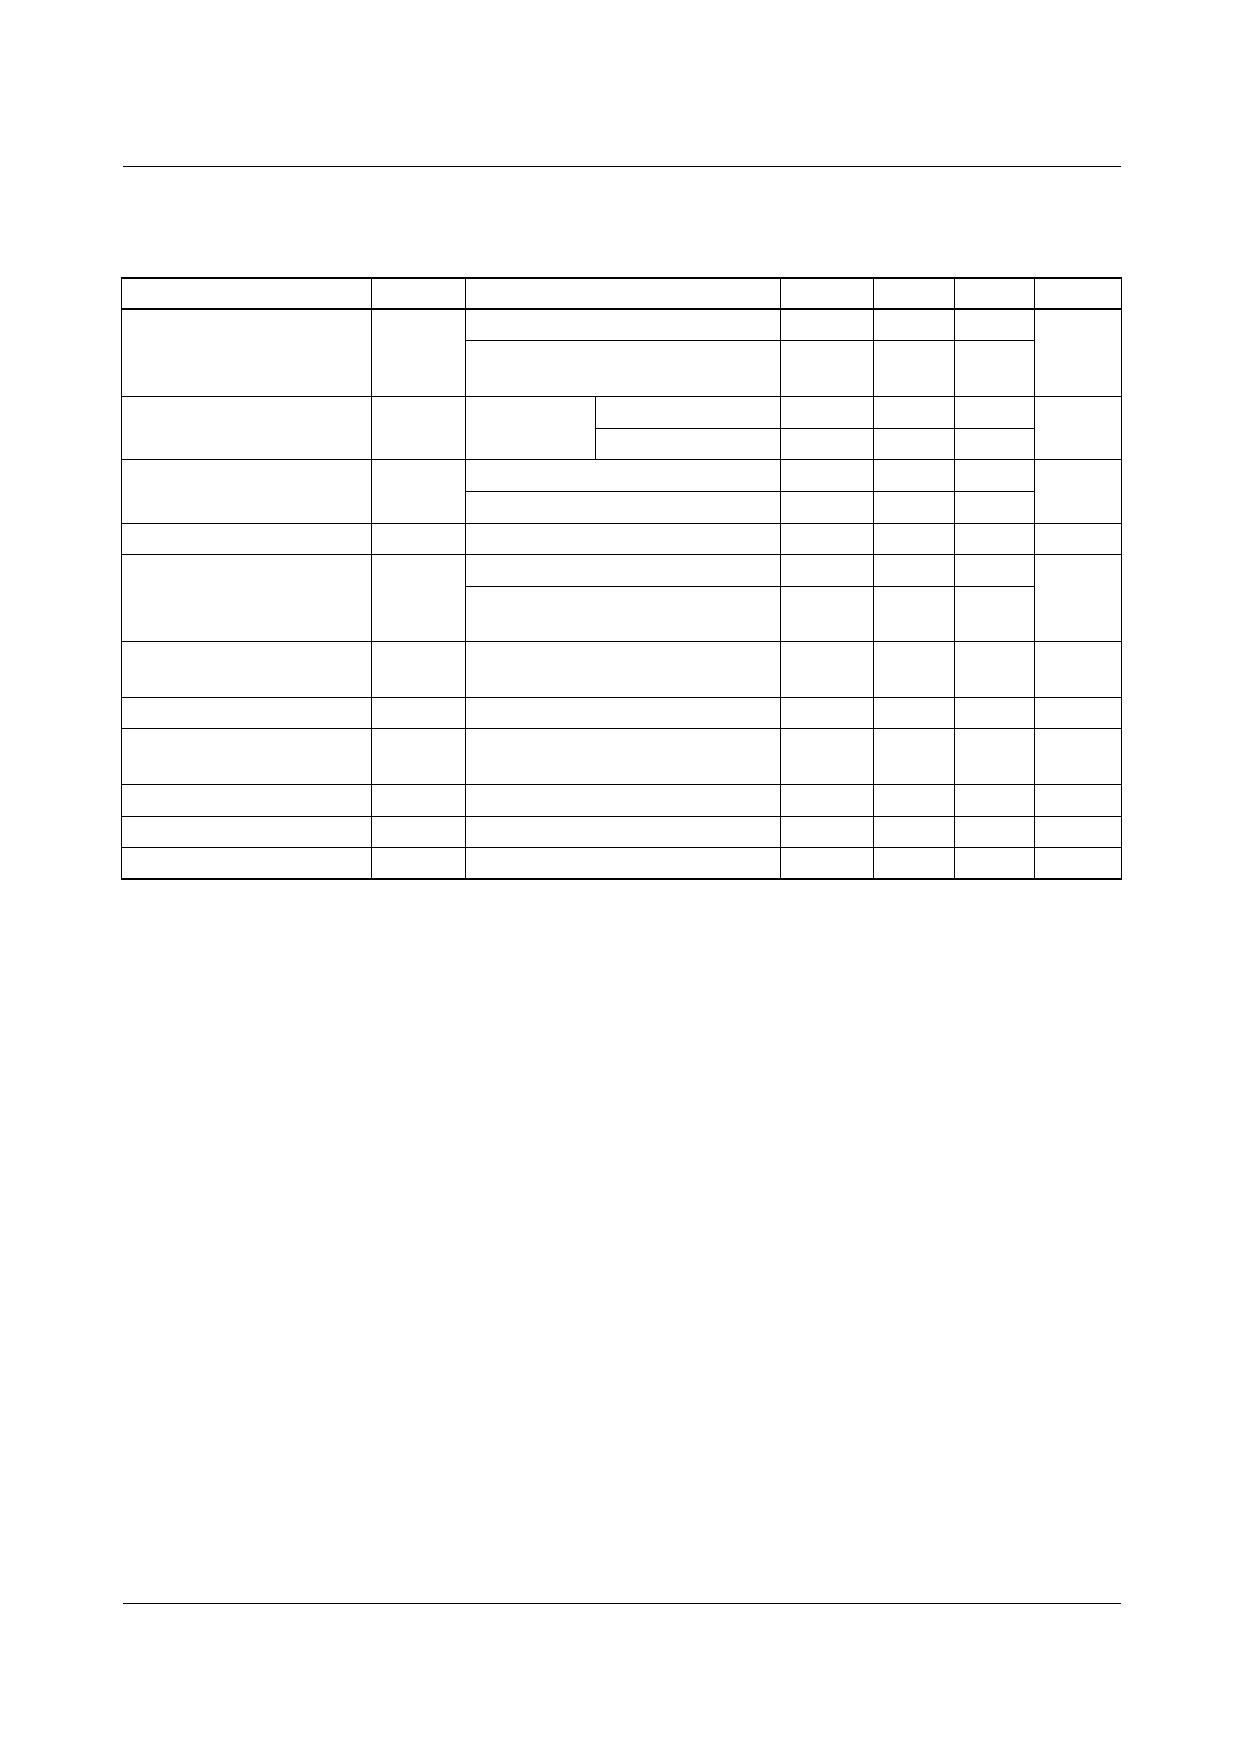 KA78M20 pdf, ピン配列